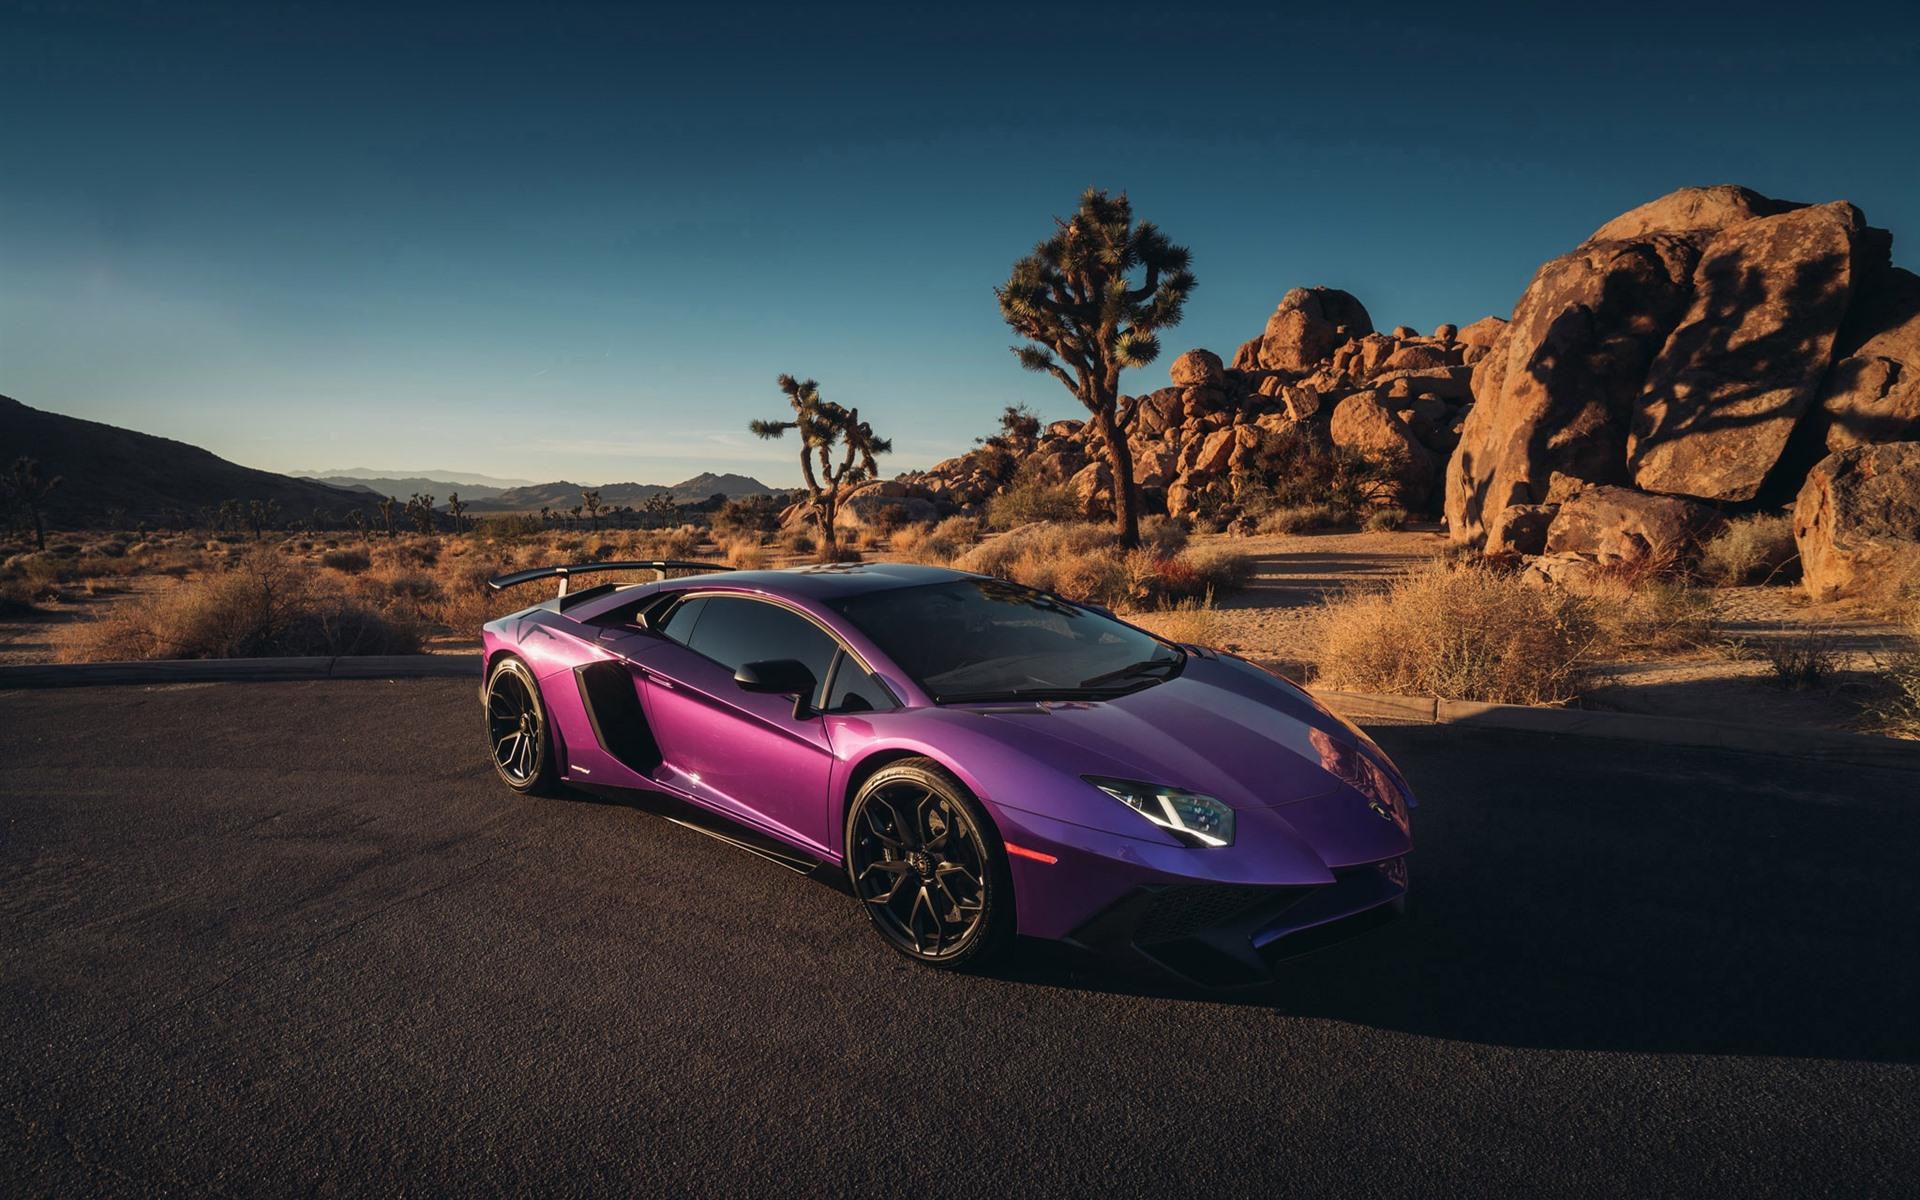 Wallpaper Lamborghini purple supercar 1920x1200 HD Picture